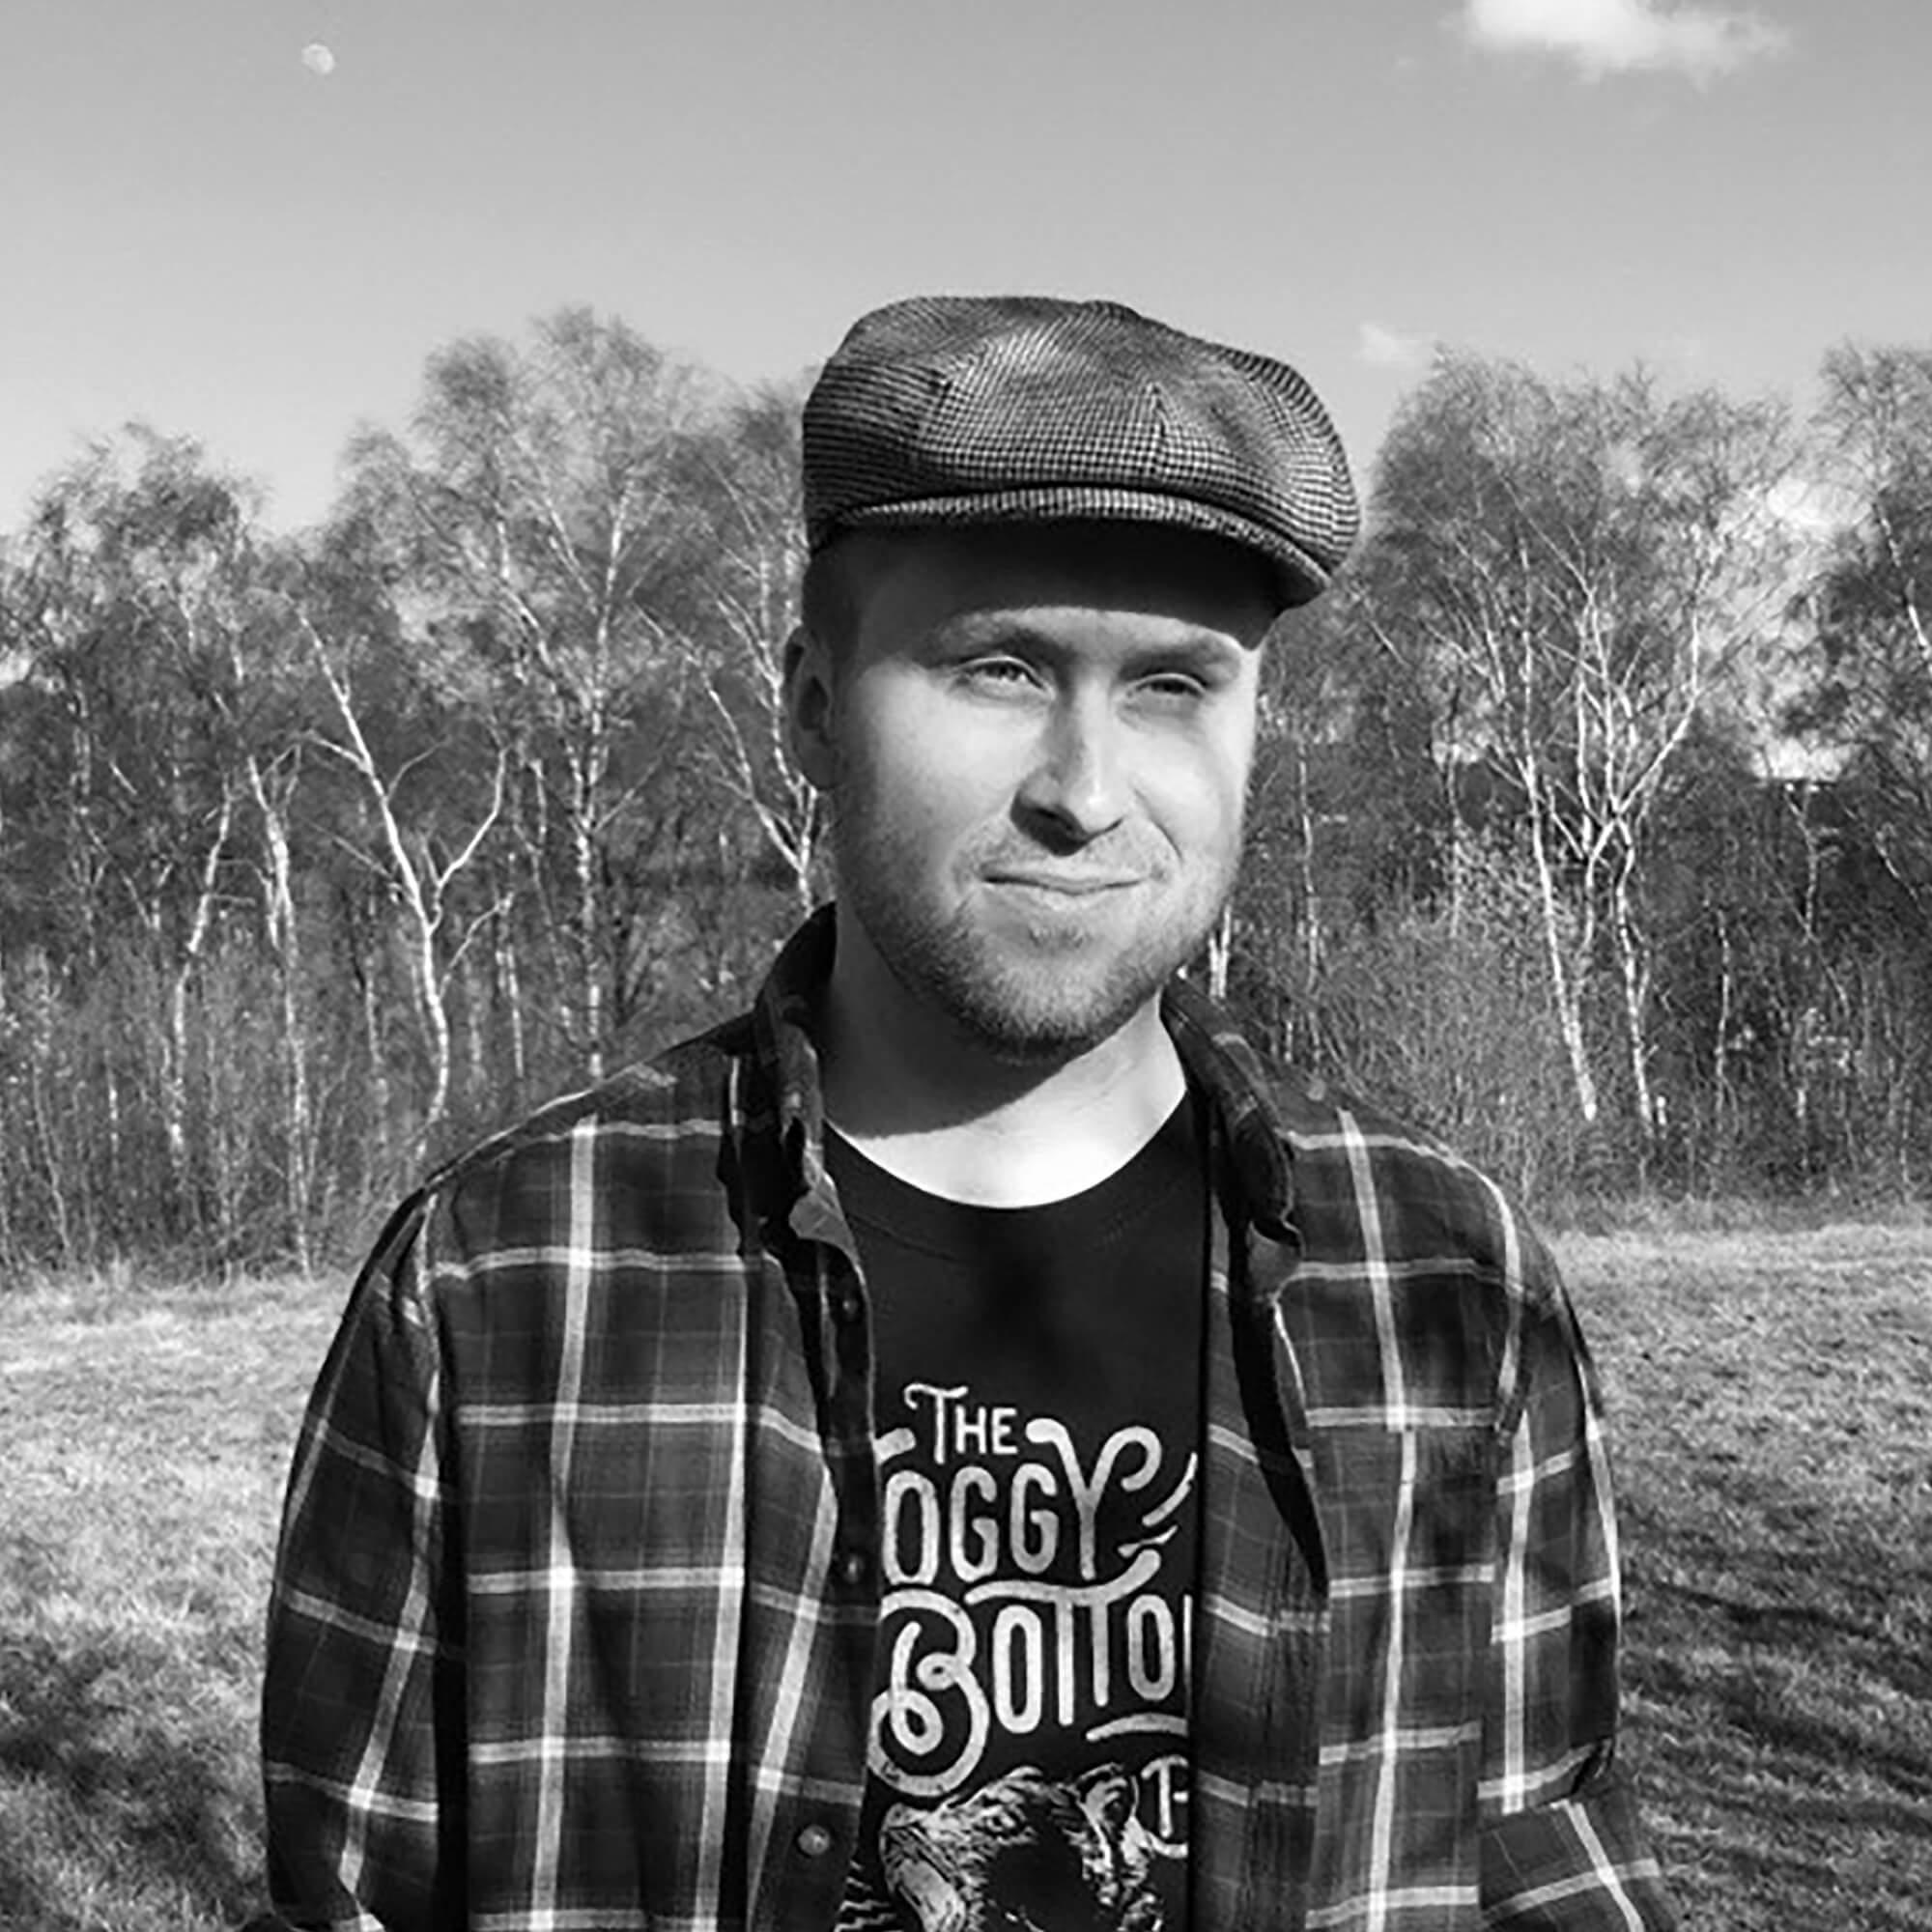 Daniel wearing a flat cap standing outside amongst trees.